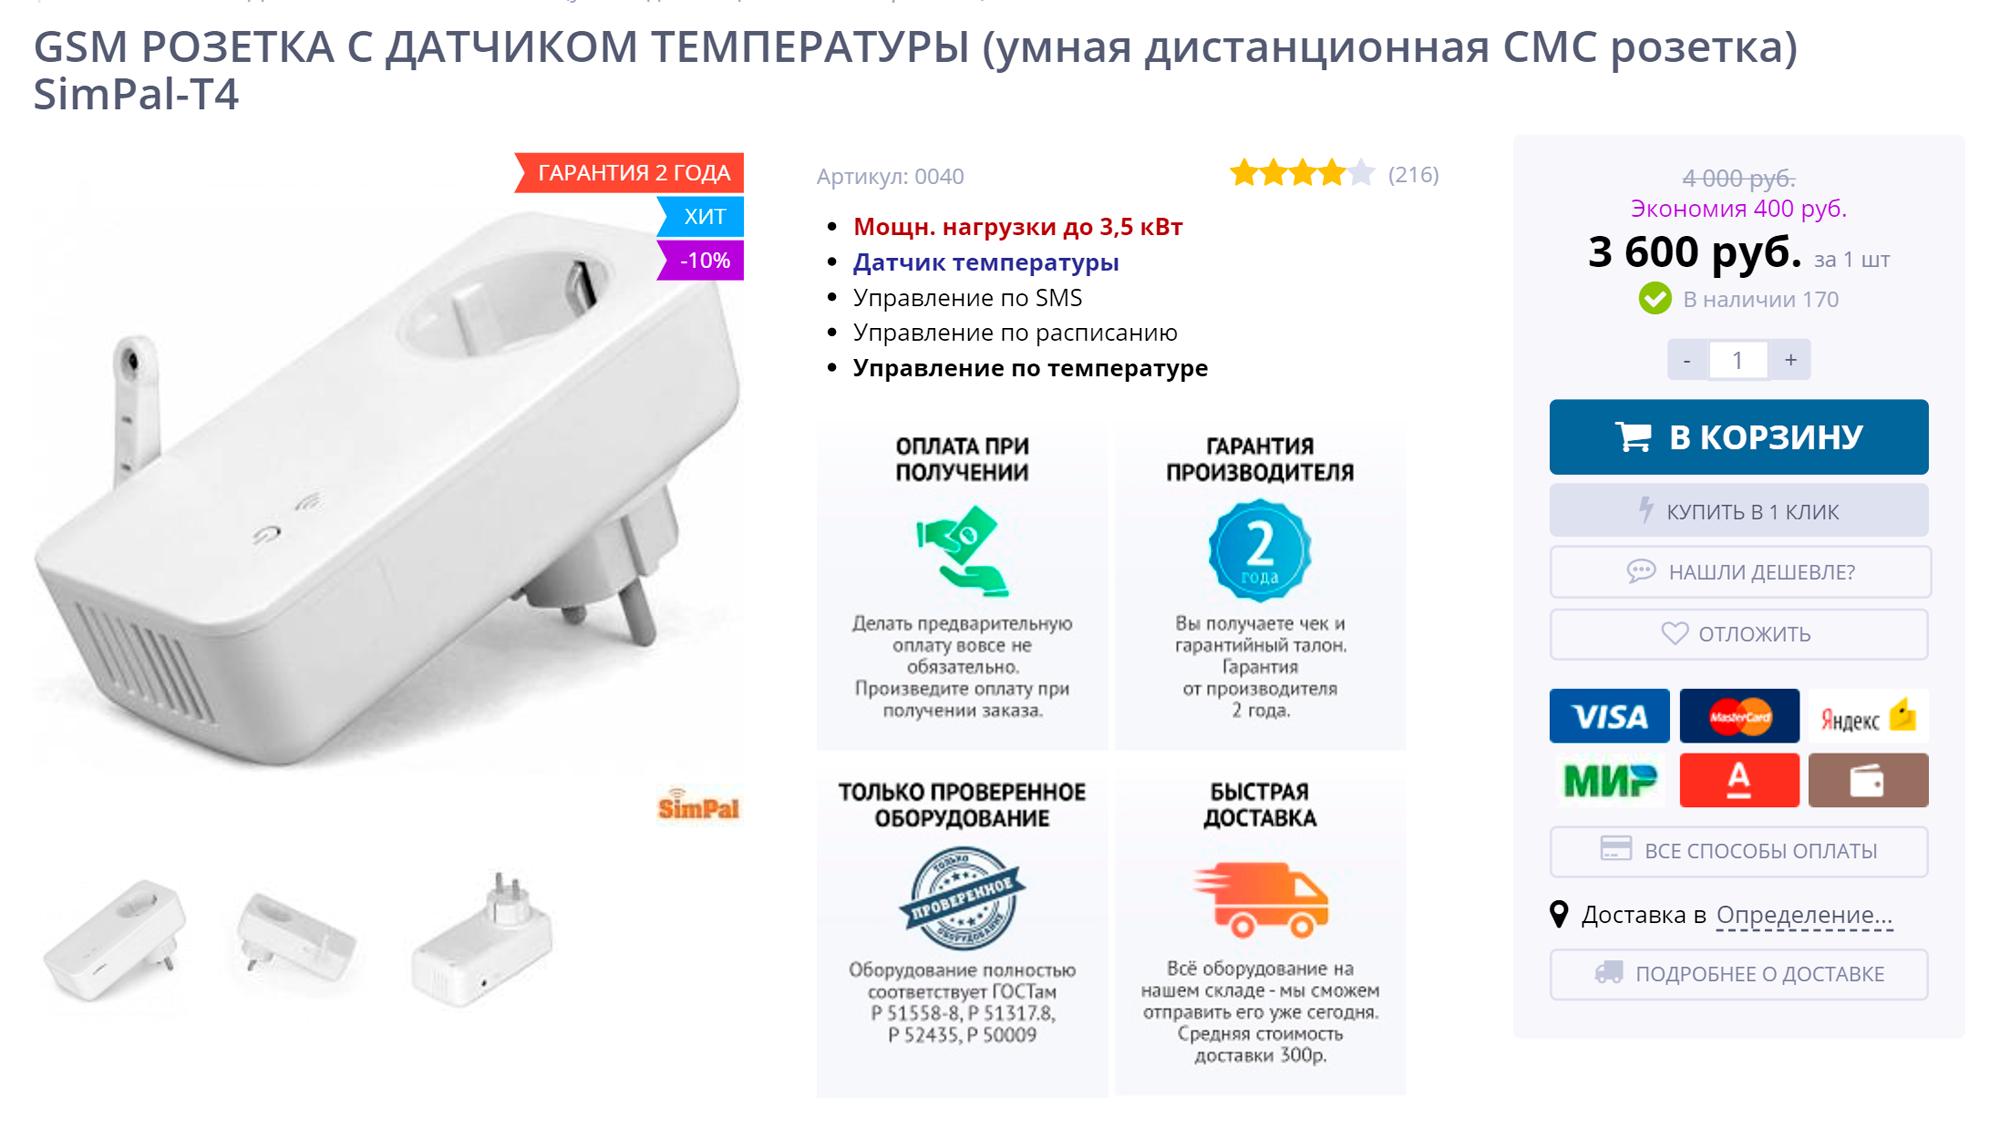 Умная розетка SimPal-T4 за 3600 р.